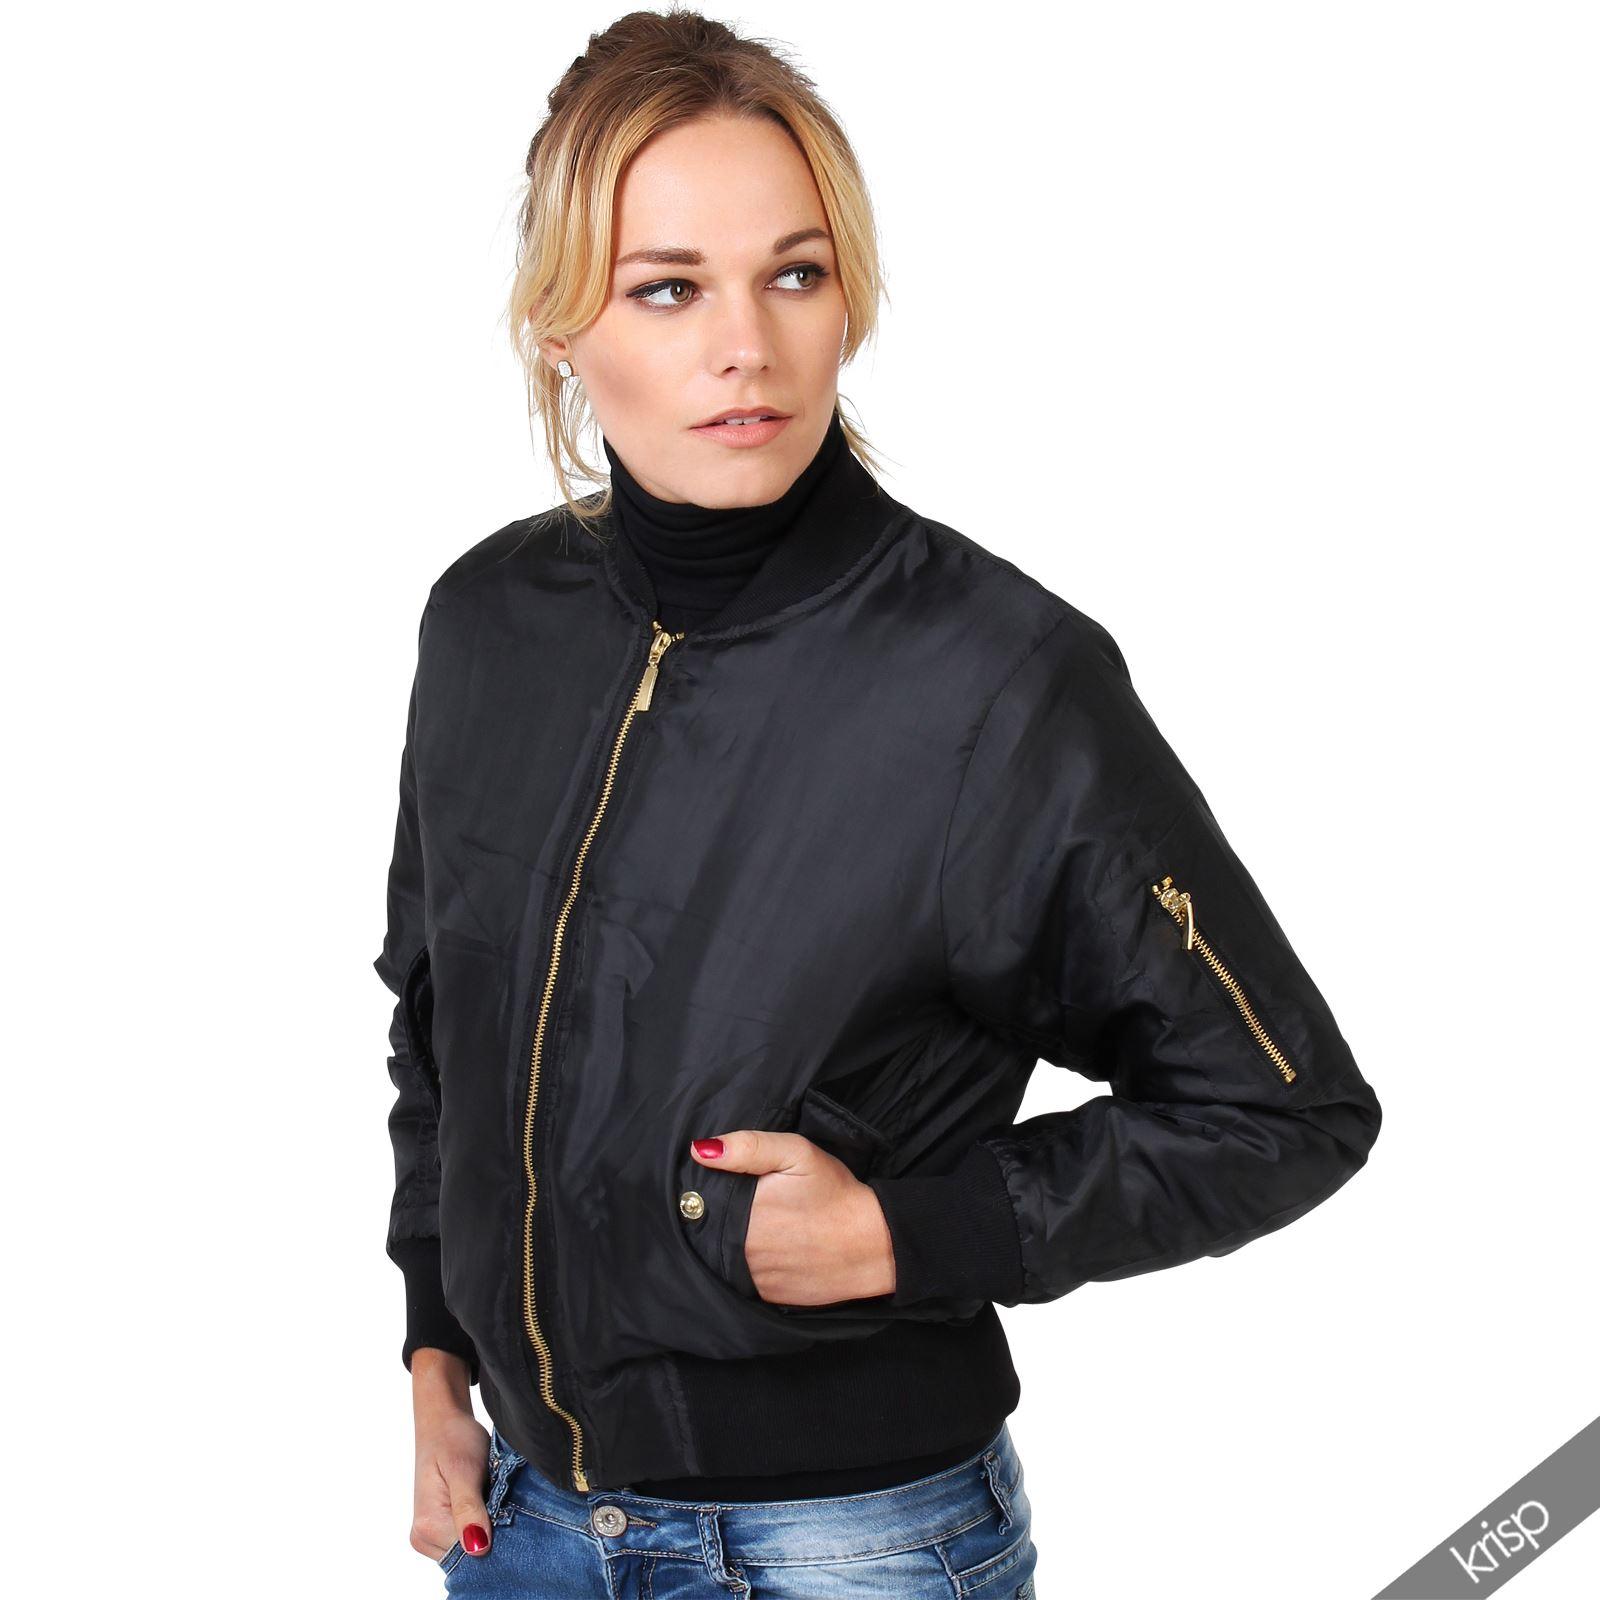 femmes blouson aviateur doudoune rembourr manche d tail zip double face ebay. Black Bedroom Furniture Sets. Home Design Ideas